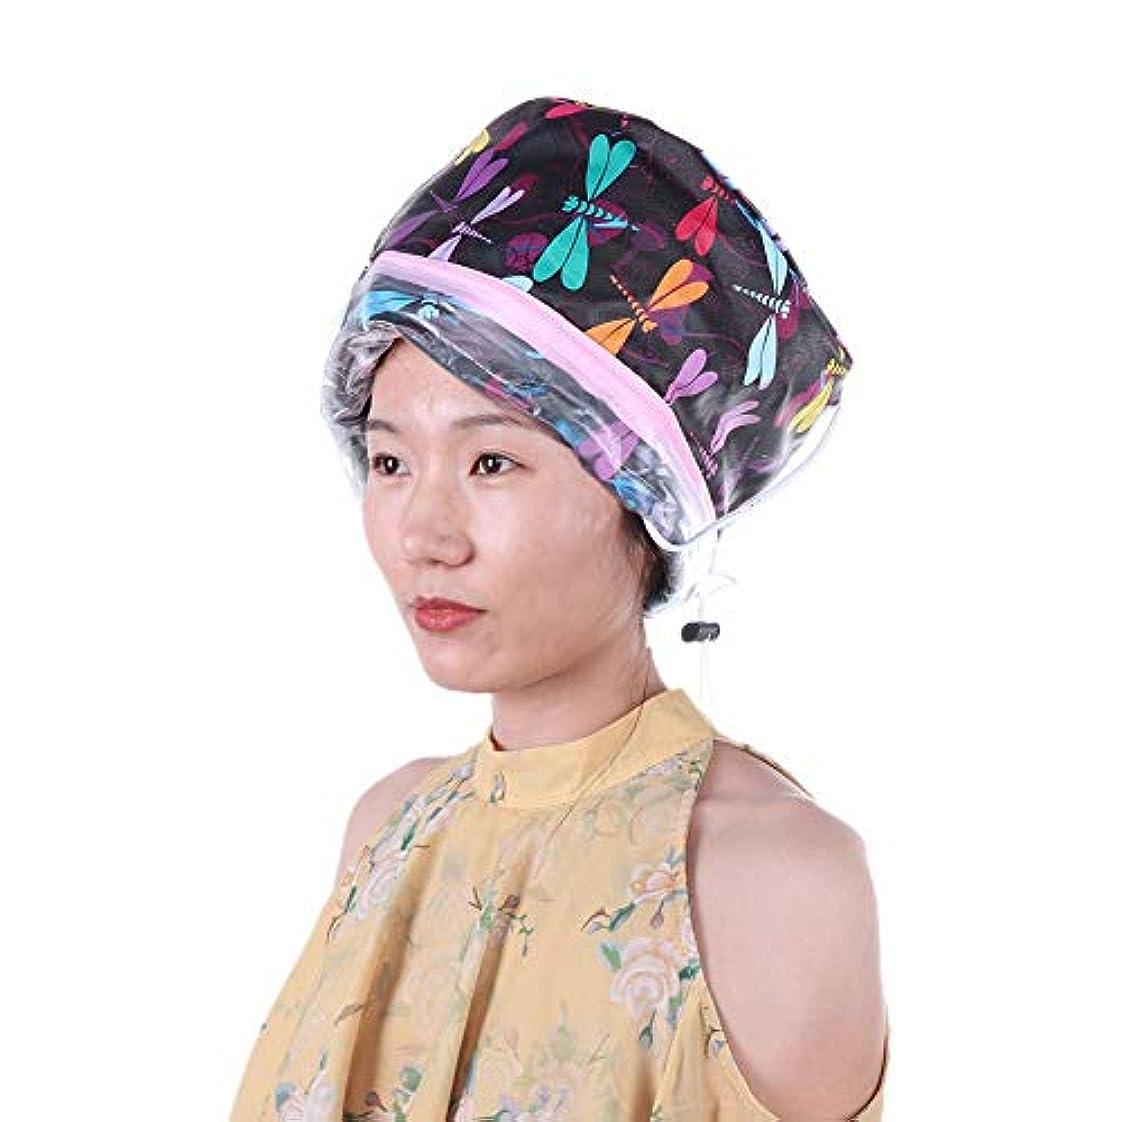 ずっとエンドウレガシー電気ヒーターキャップ、SPAヘアオイルトリートメントおよびファミリーパーソナルケア用の温度調節可能なディープコンディショニングヘアスチーマー、髪の毛先の改善および髪の損傷の修復(1)